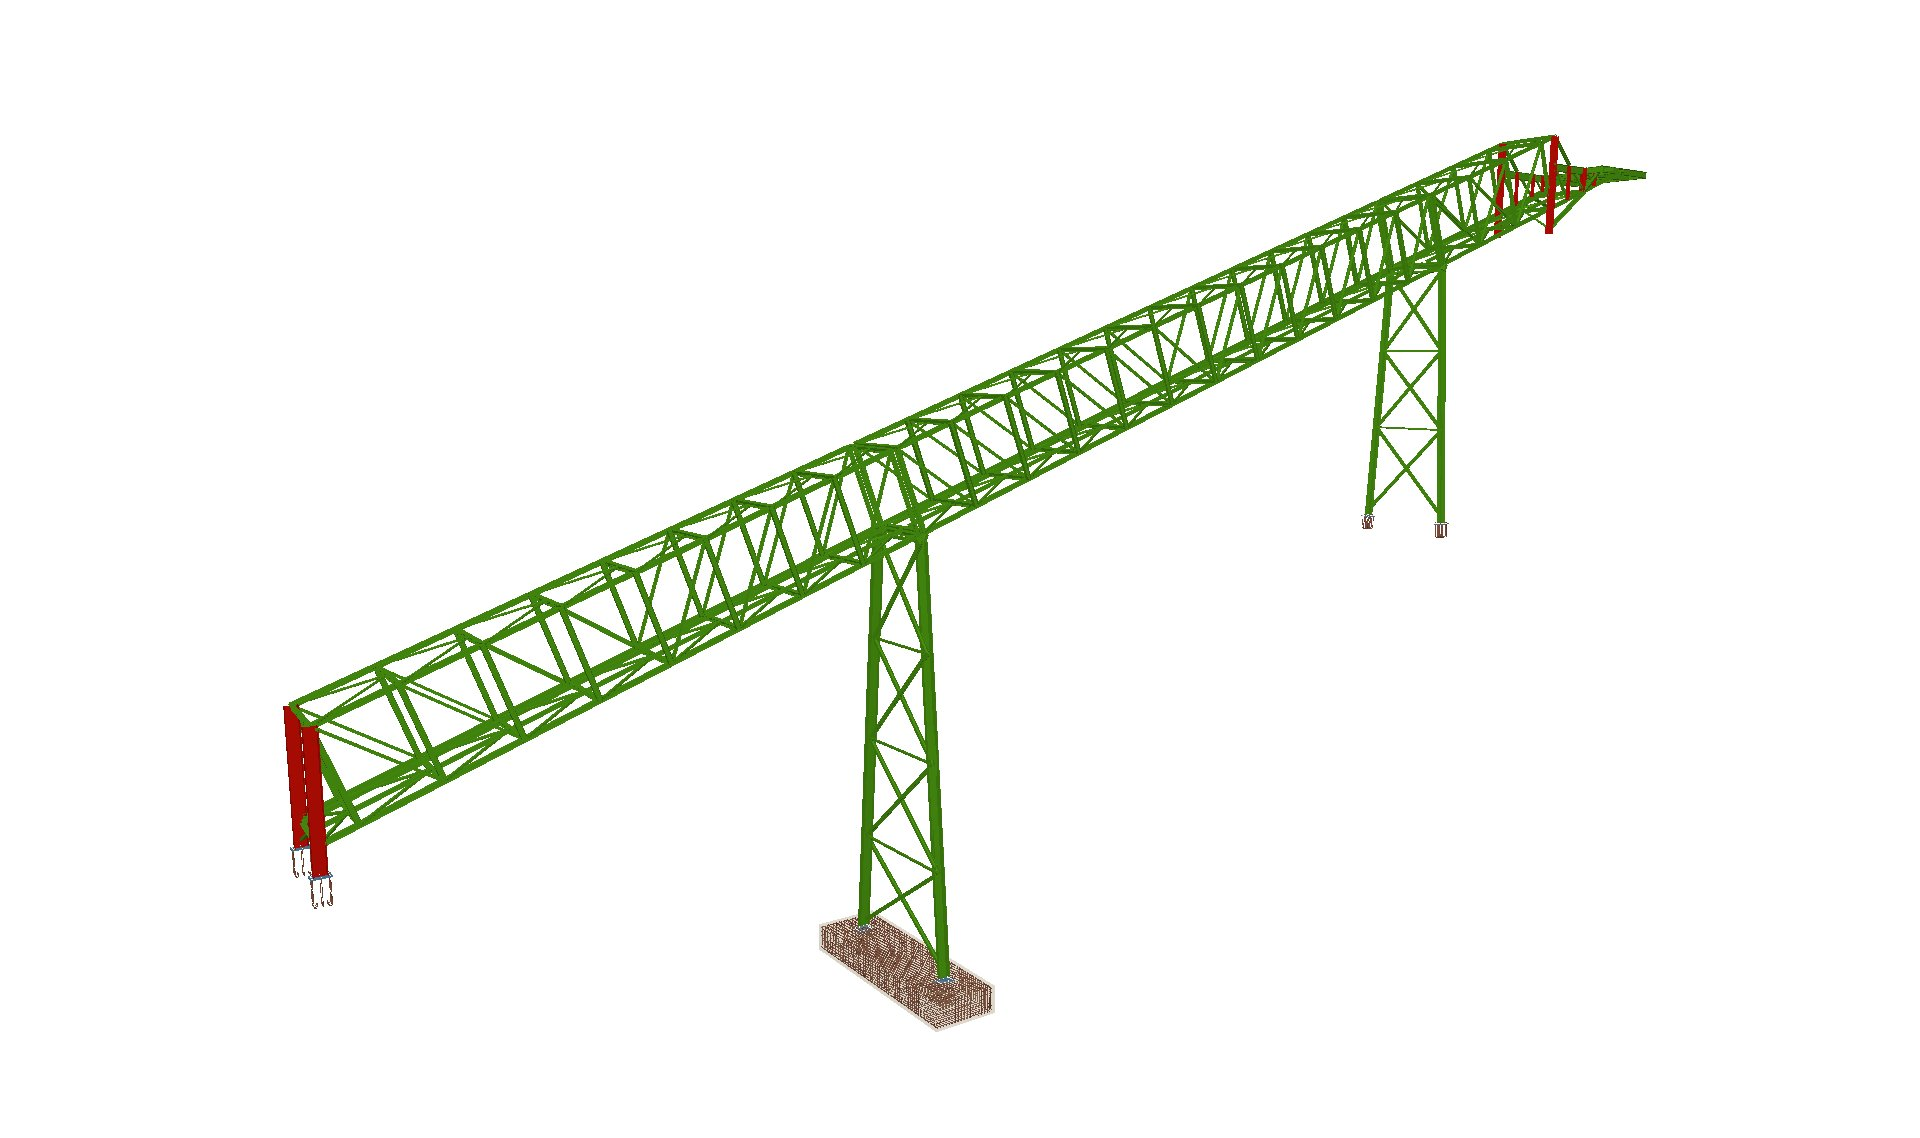 Puente de carga 02 - Proyectos ACCE Ingeniería